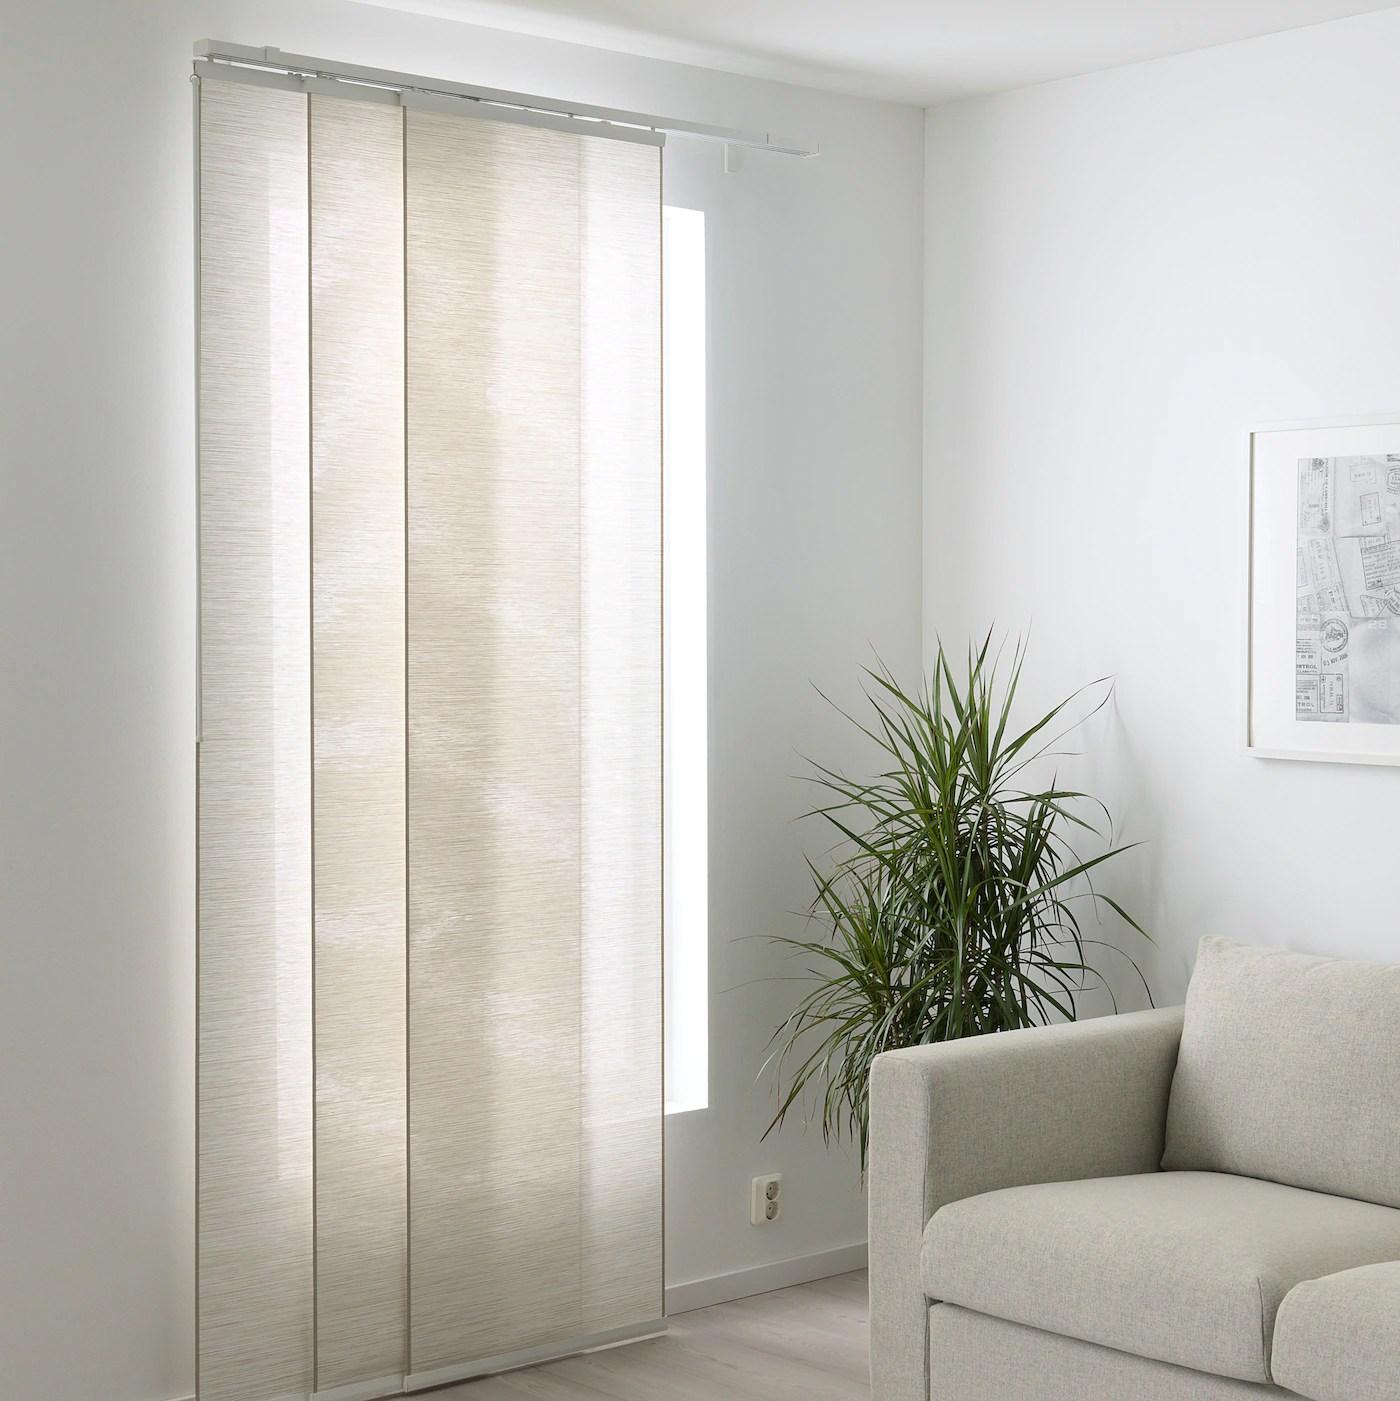 Tende a pannello ikea in vendita in arredamento e casalinghi: Fonsterviva Tenda A Pannello Bianco Beige 60x300 Cm Ikea Svizzera